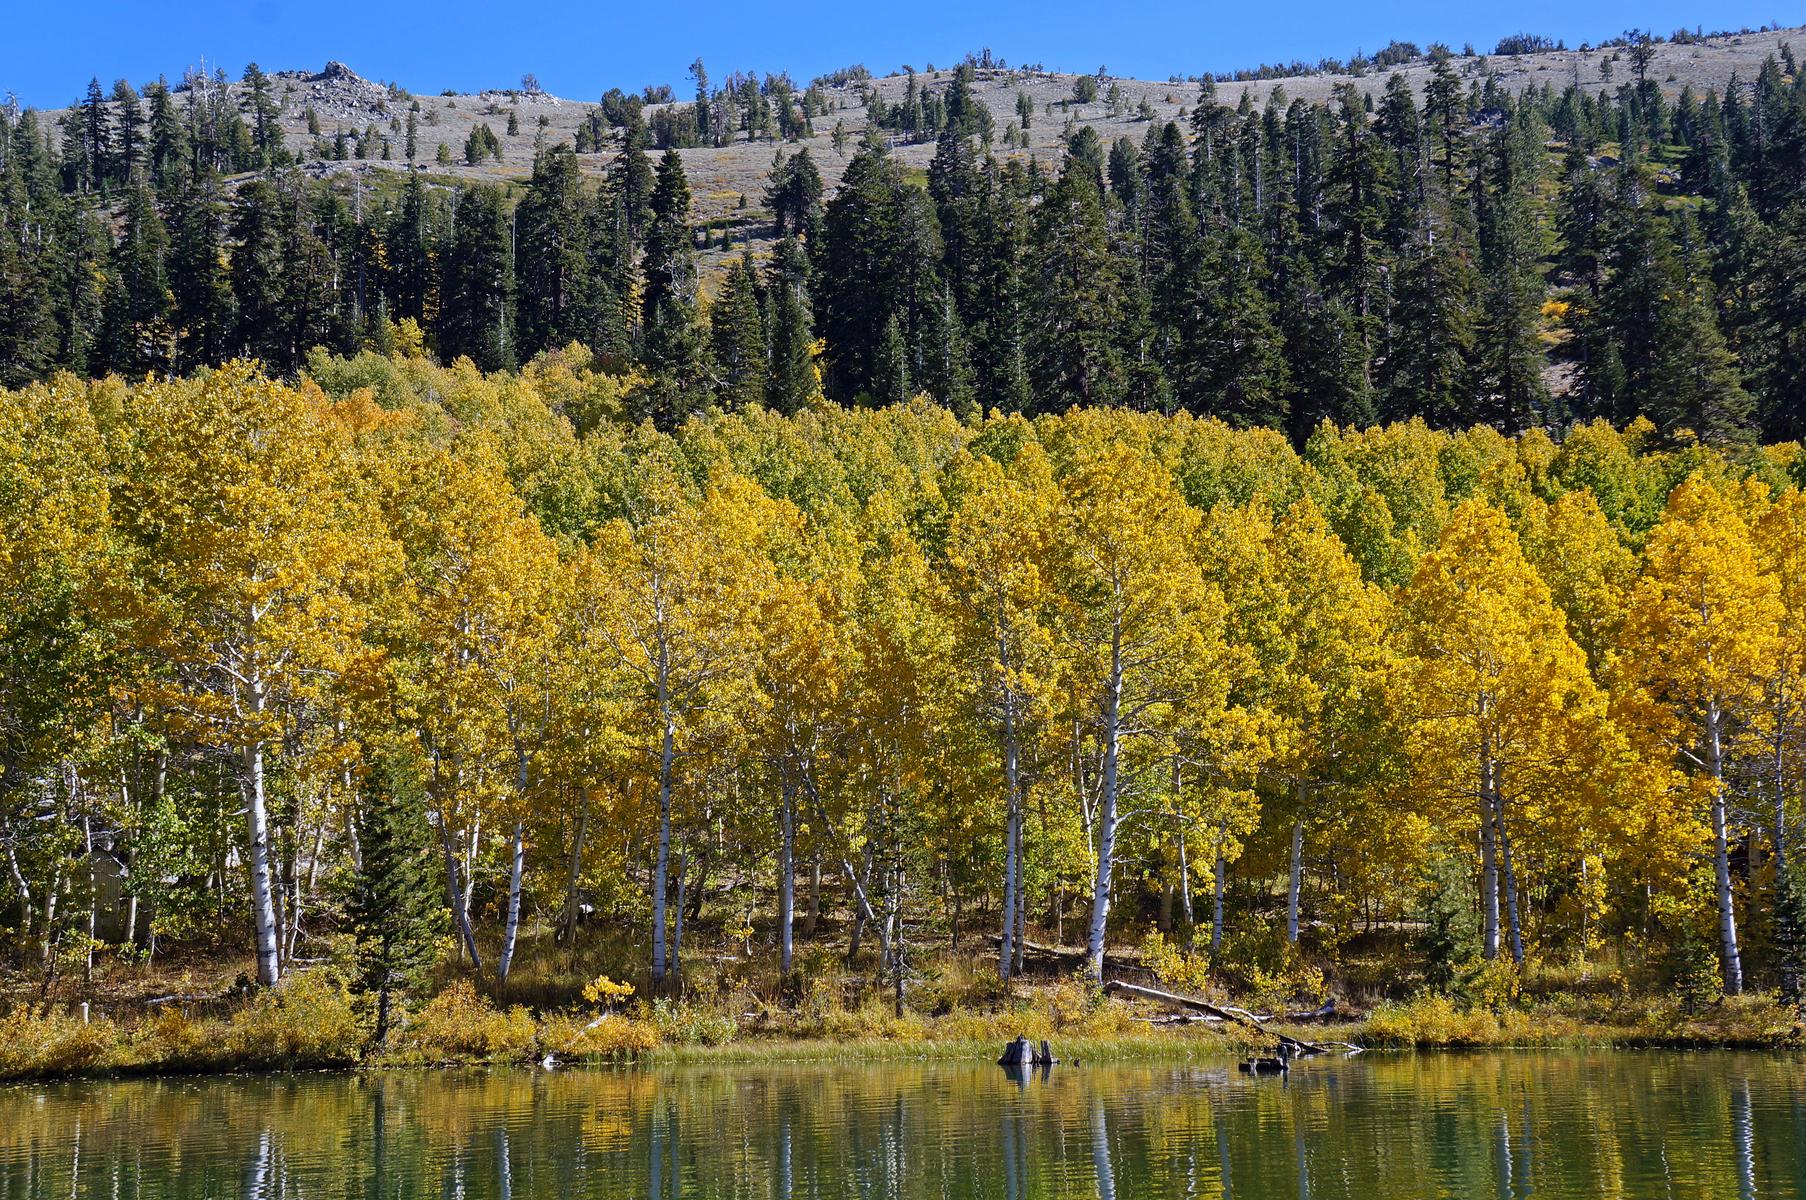 aspen along the shoreline of Marlette Lake, near Lake Tahoe, Nevada